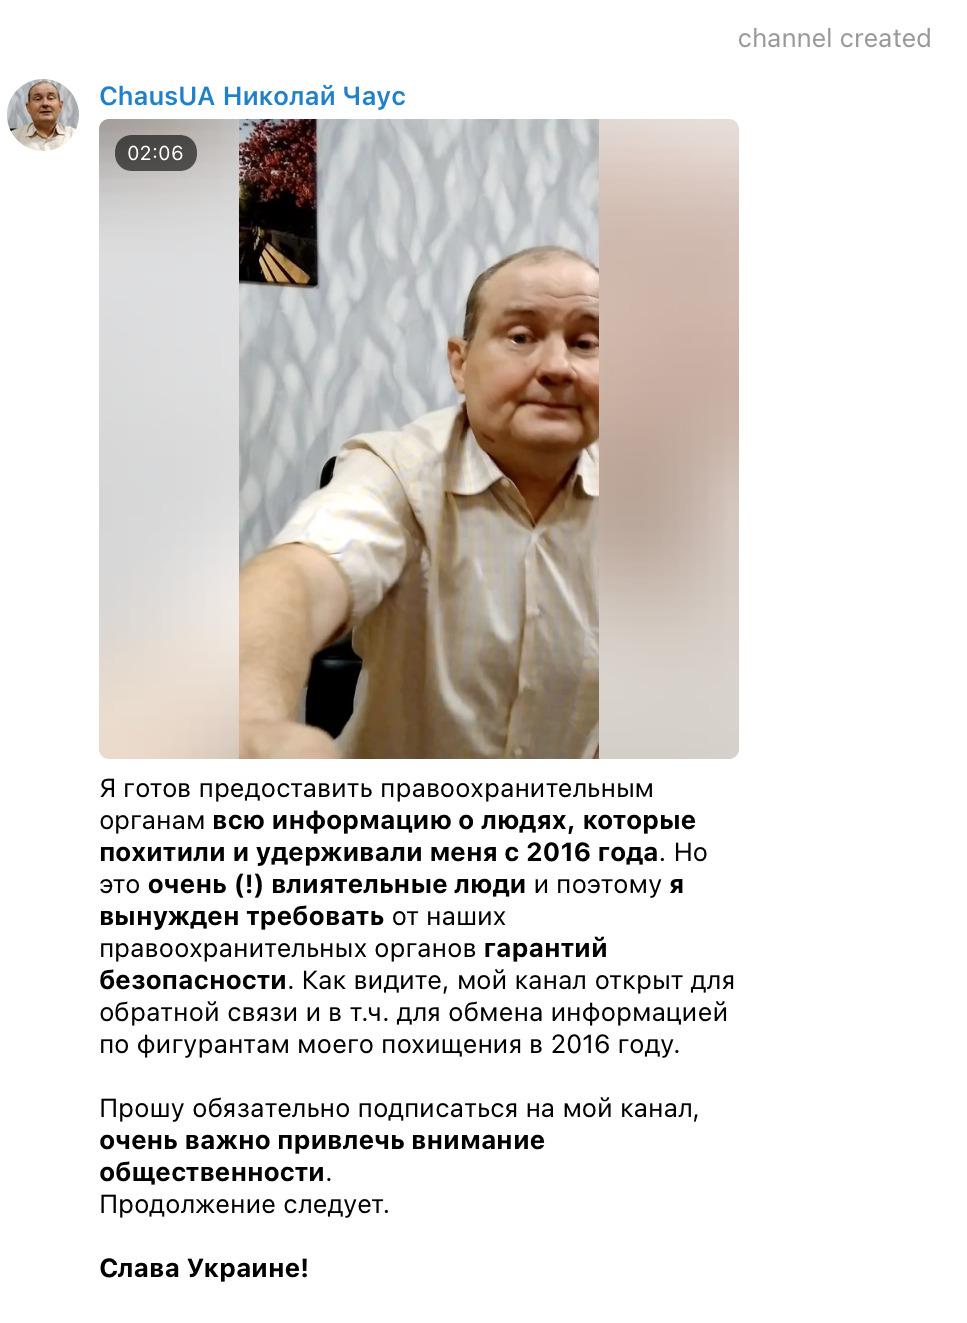 A apărut o înregistrare video cu fostul judecător ucrainean Ceaus. Bărbatul susține că nu a fost răpit (VIDEO)